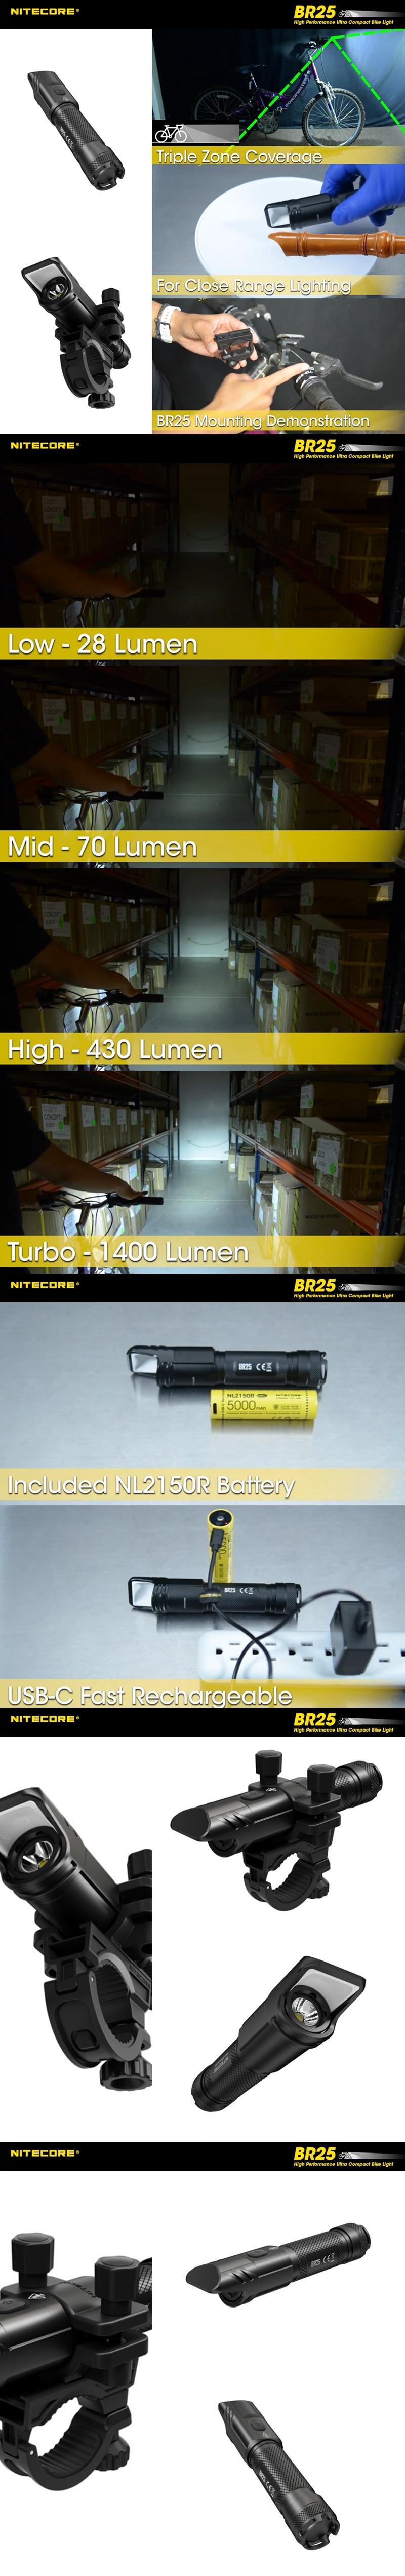 3 NITECORE BR25 自行車燈 1400流明 漫反射設計 防眩目 近、中、遠三光 76克 快拆 (1)